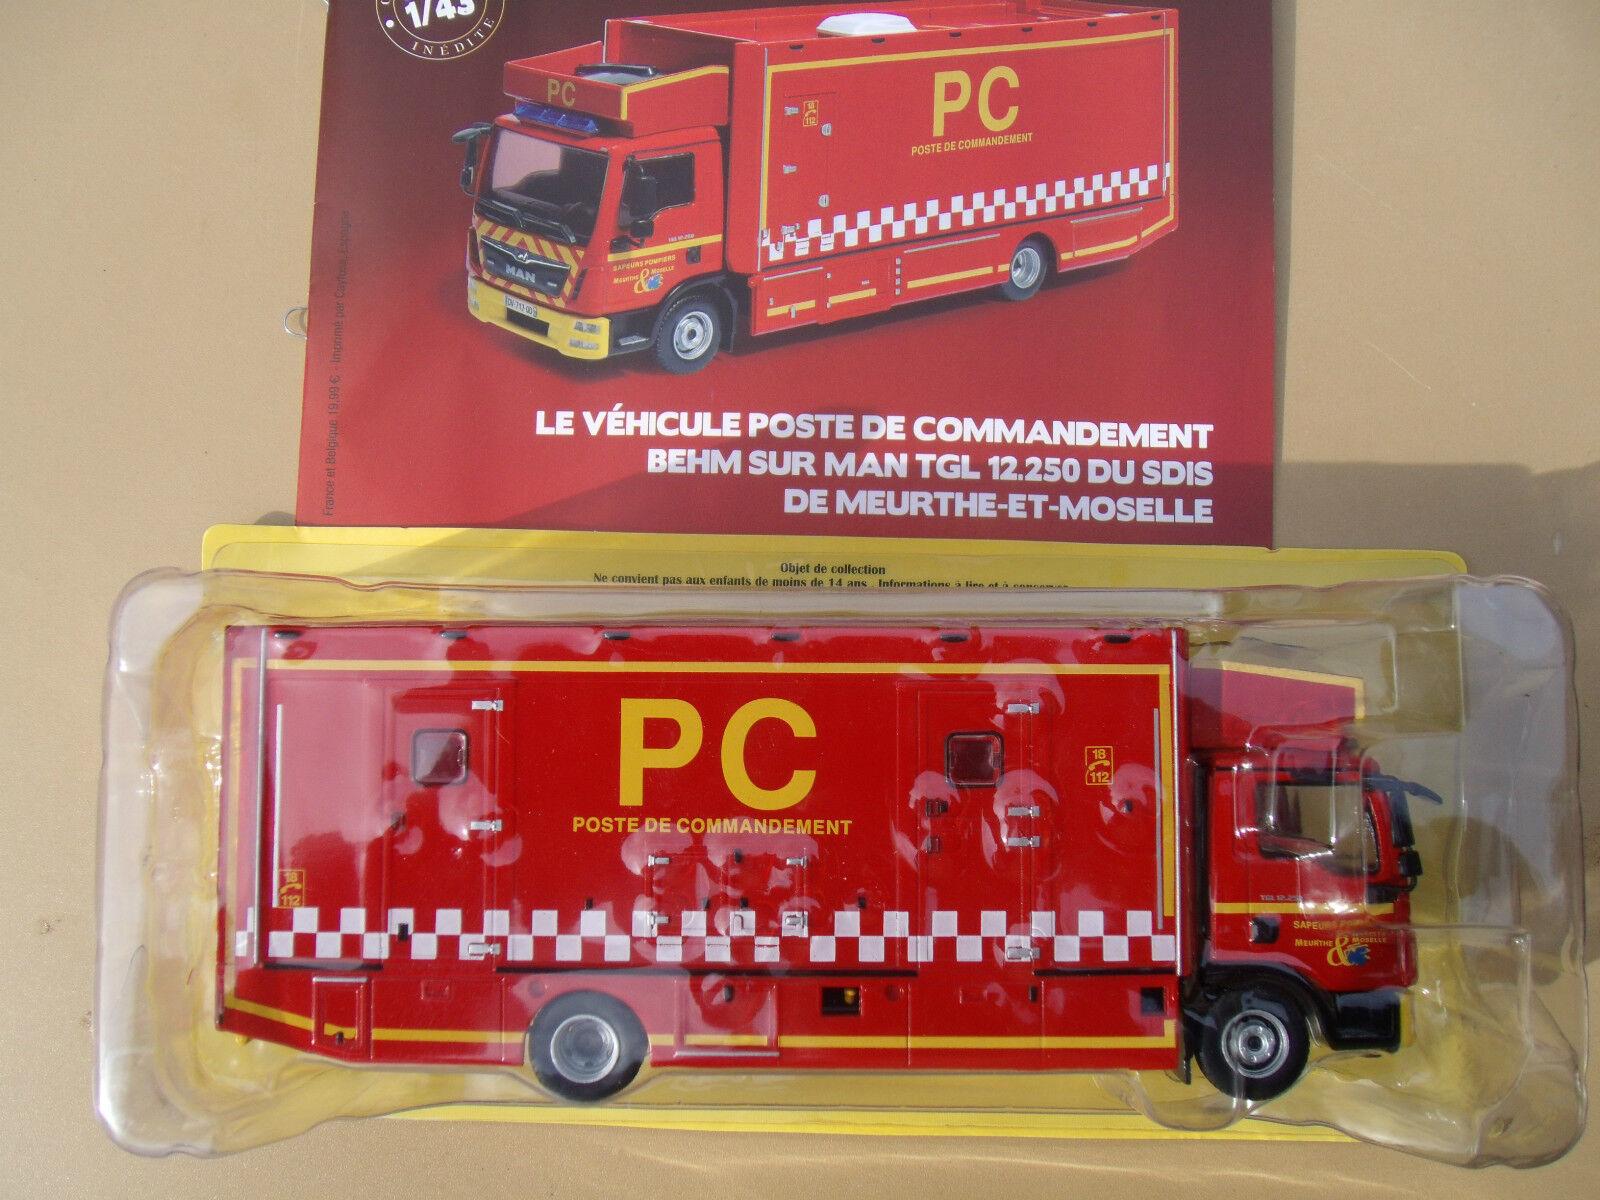 Neuf 55 43 De Camion Behm Poste Sdis 250 12 Man Pompier N° 54 1 Tgl BCWdQxroe